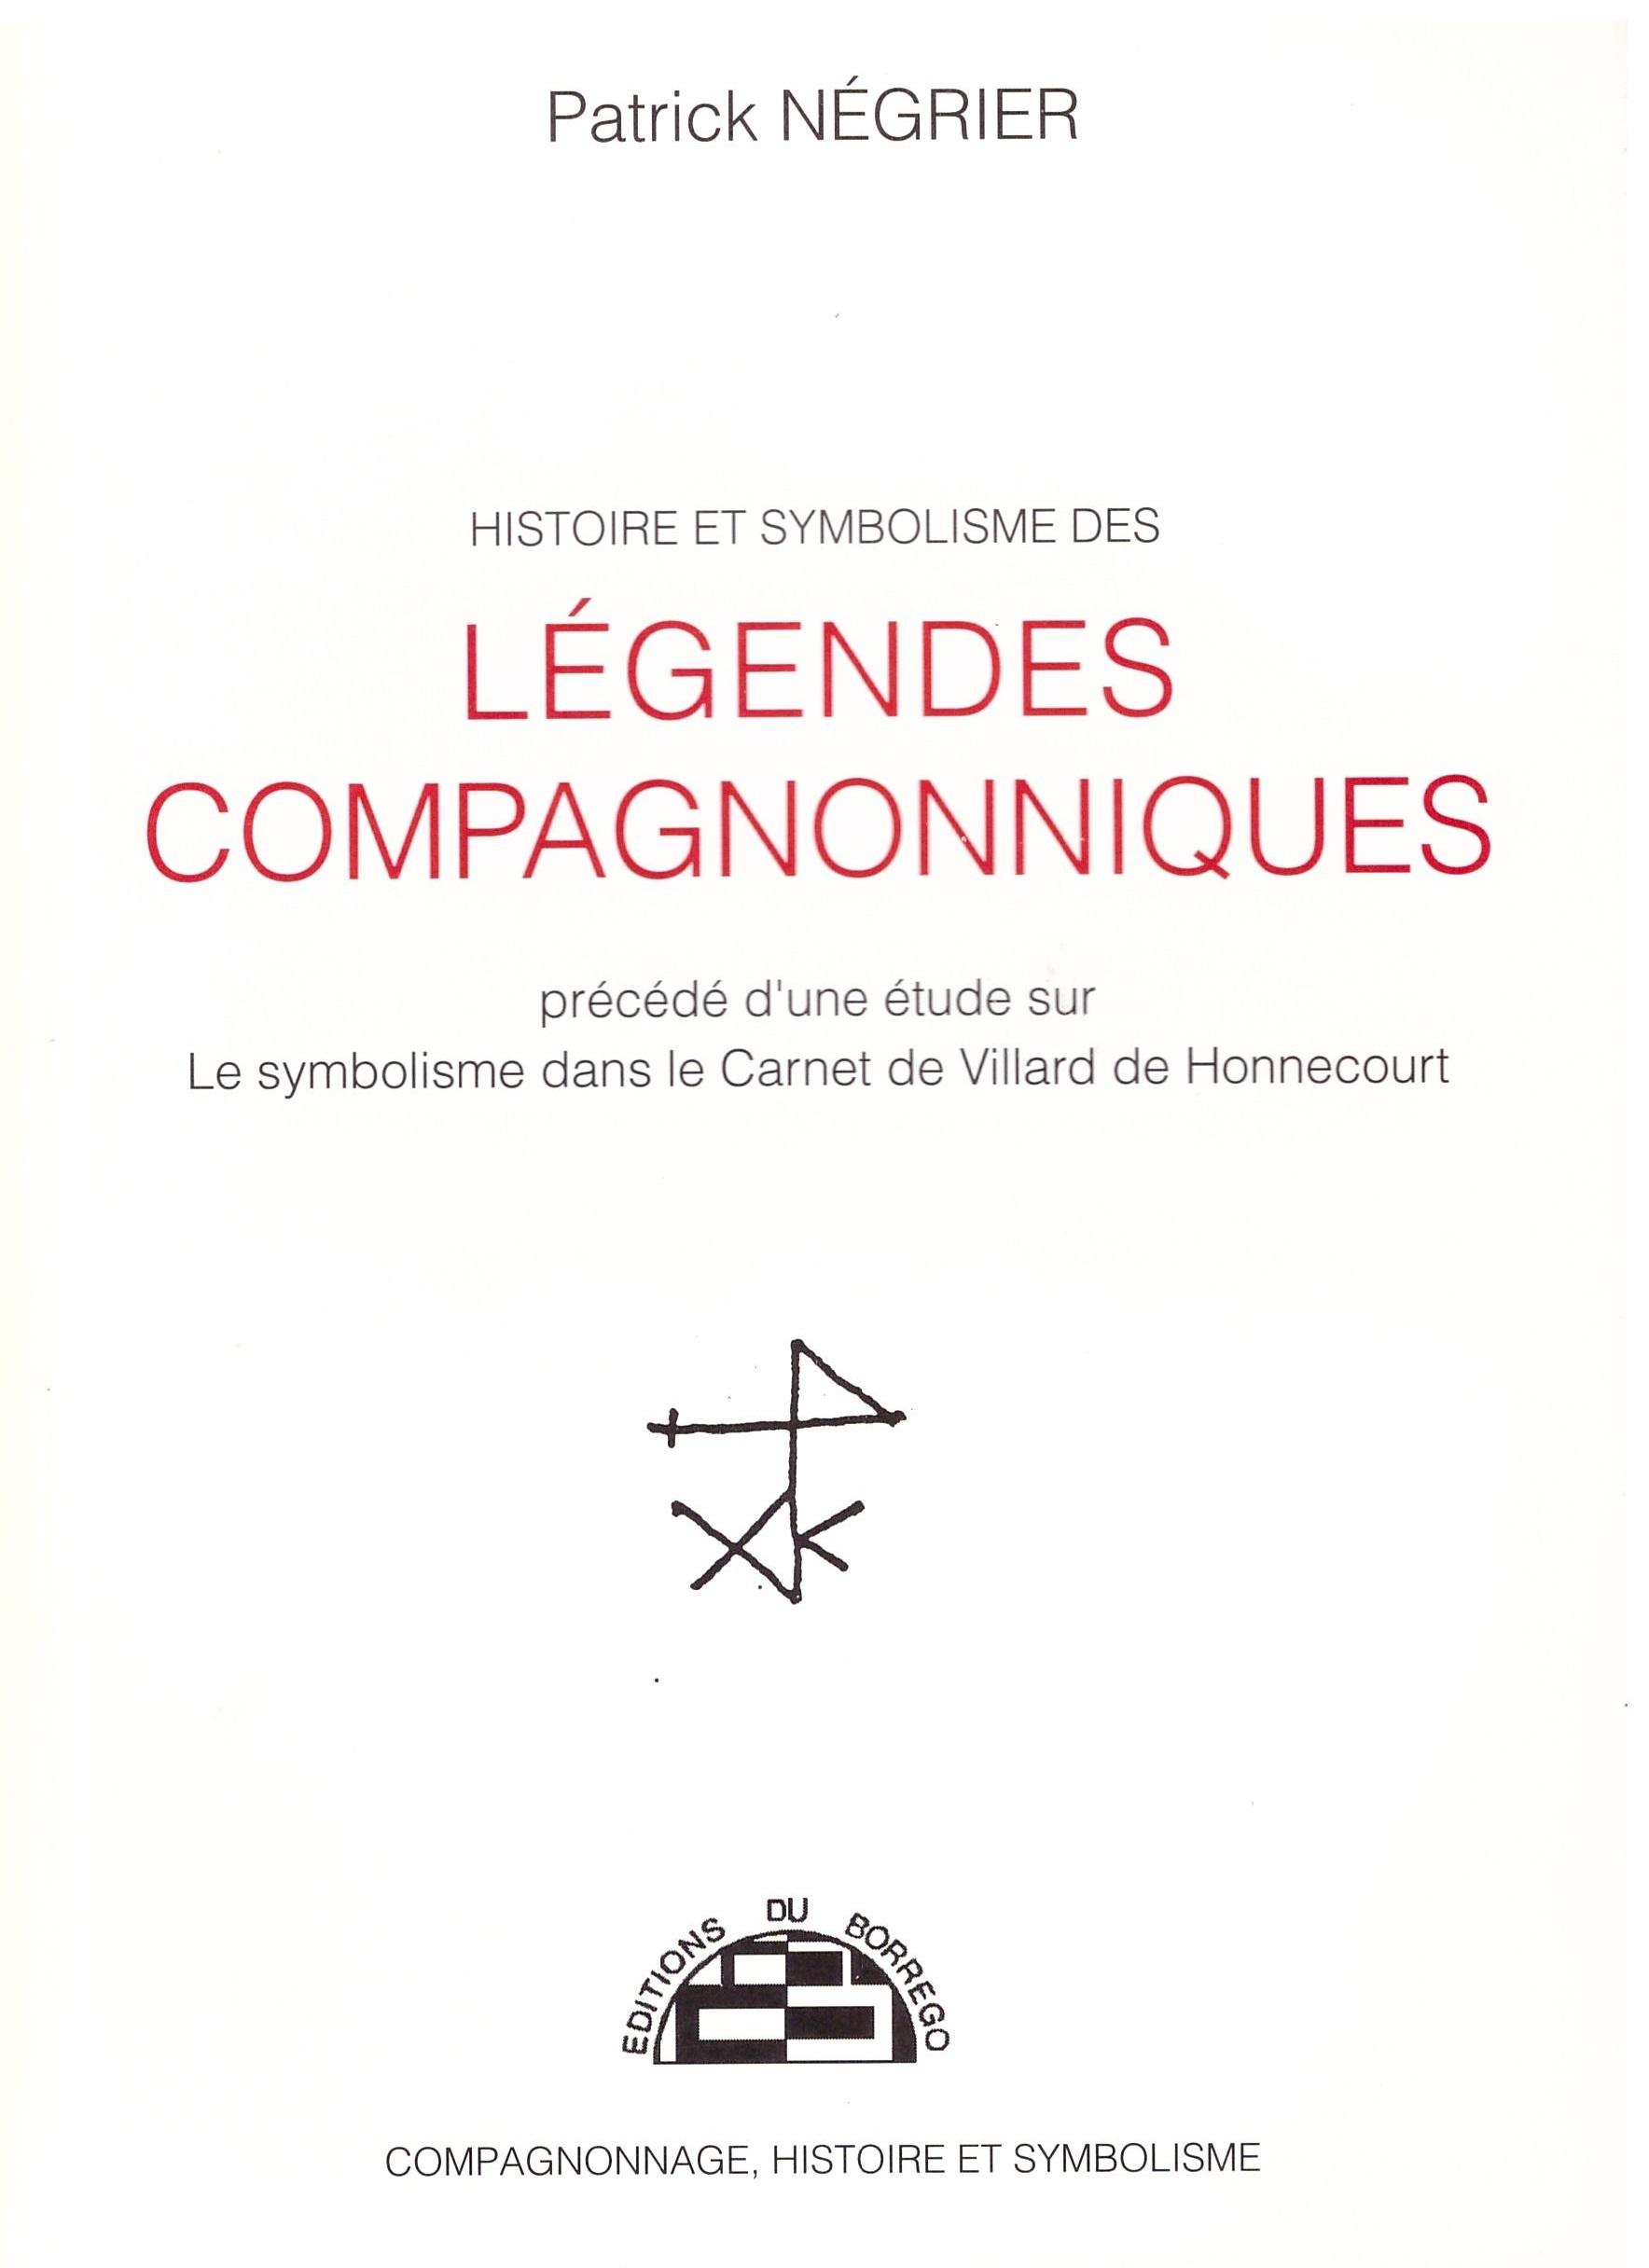 HISTOIRE ET SYMBOLISME DES LEGENDES COMPAGNONNIQUES